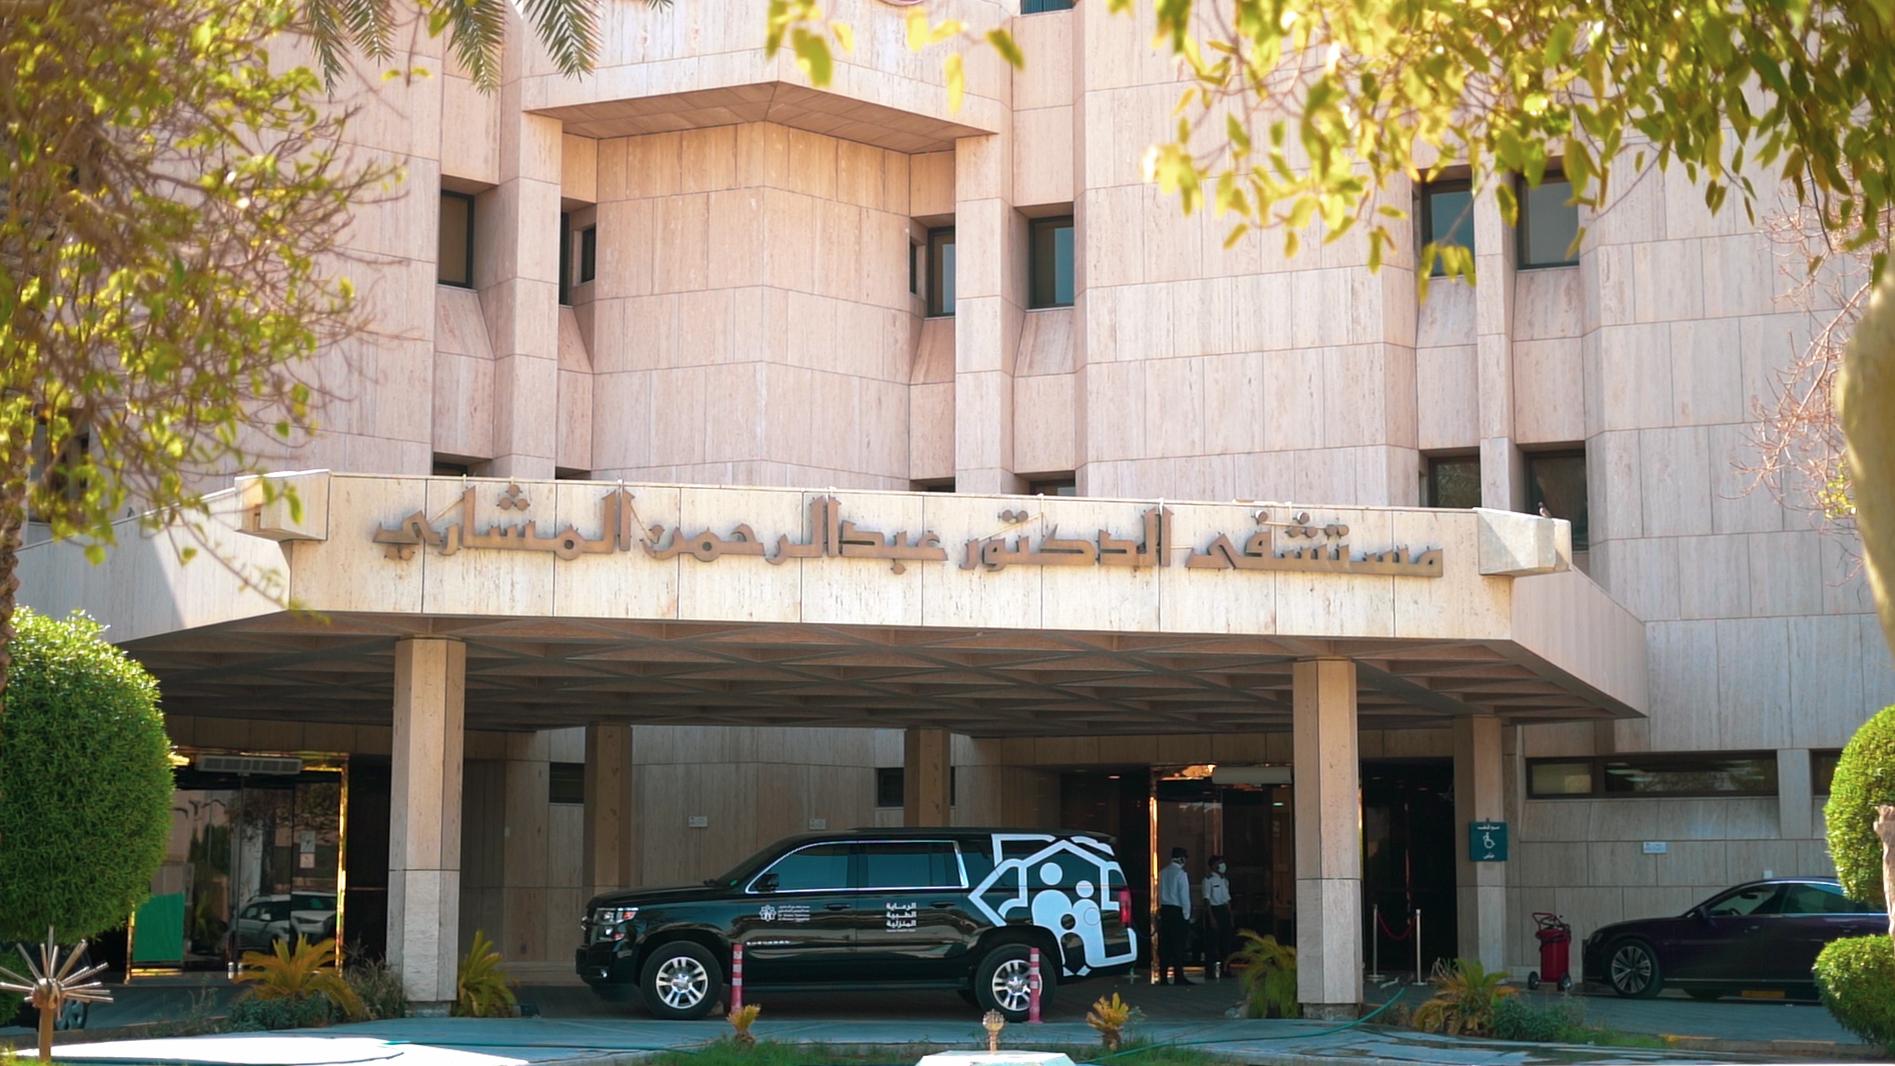 إن مستشفى الدكتور عبد الرحمن أكثر من مجرد مستشفى